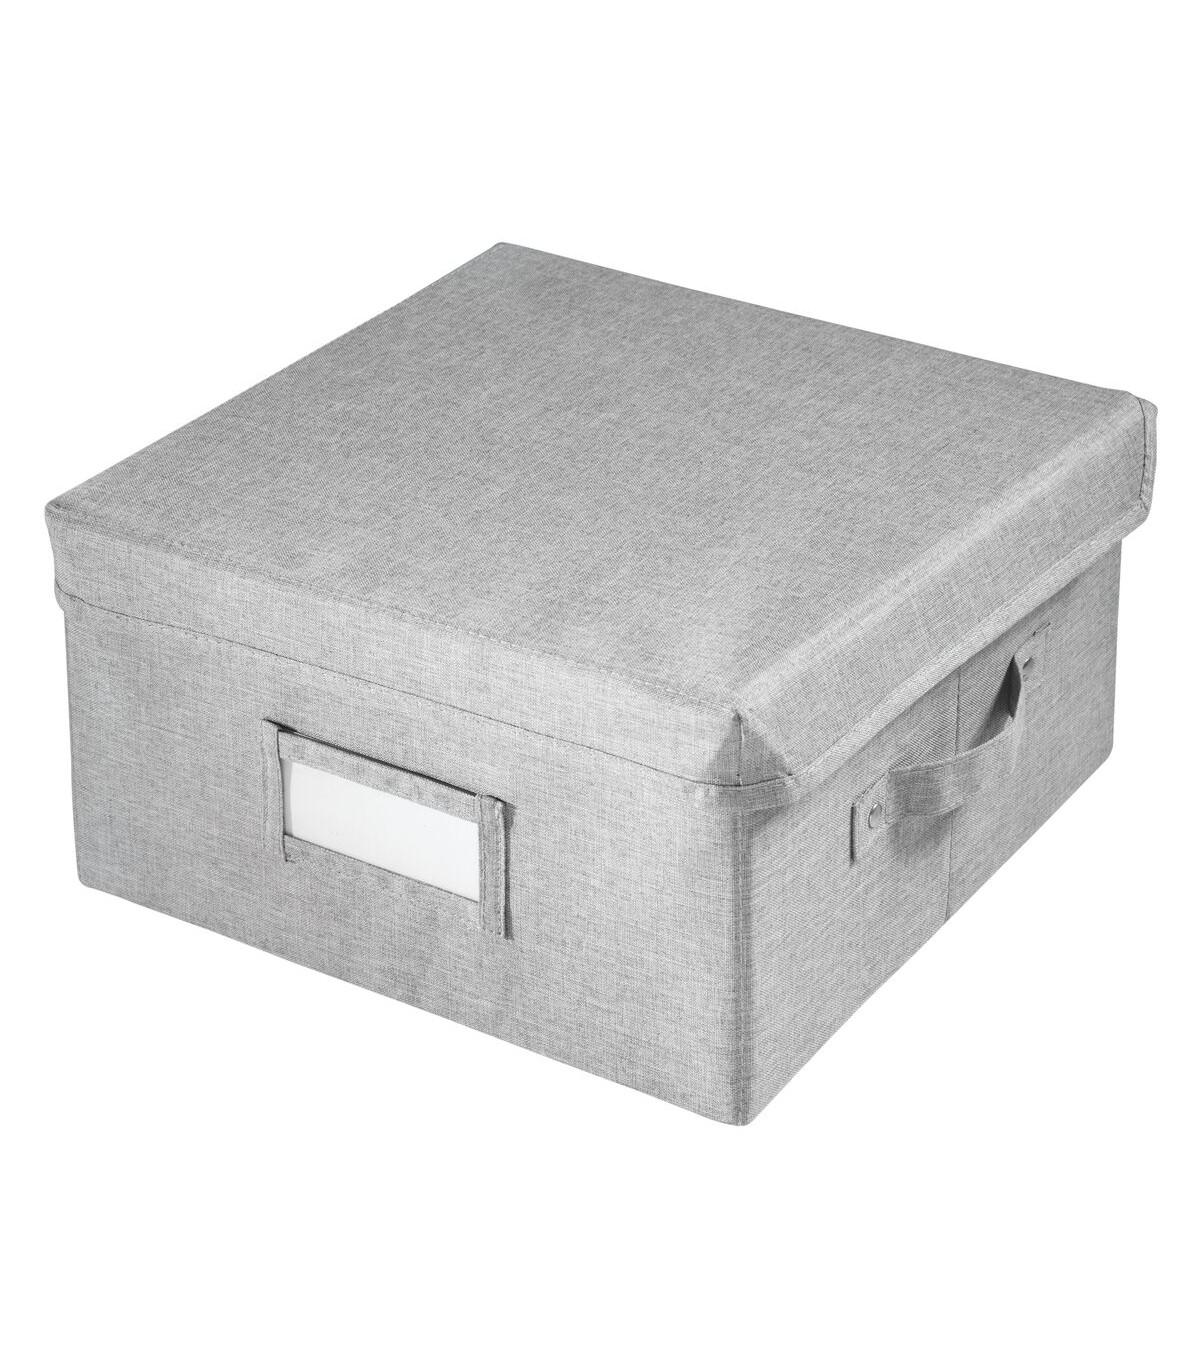 Cube de rangement polyester 29 x 28 x H15cm - Gris